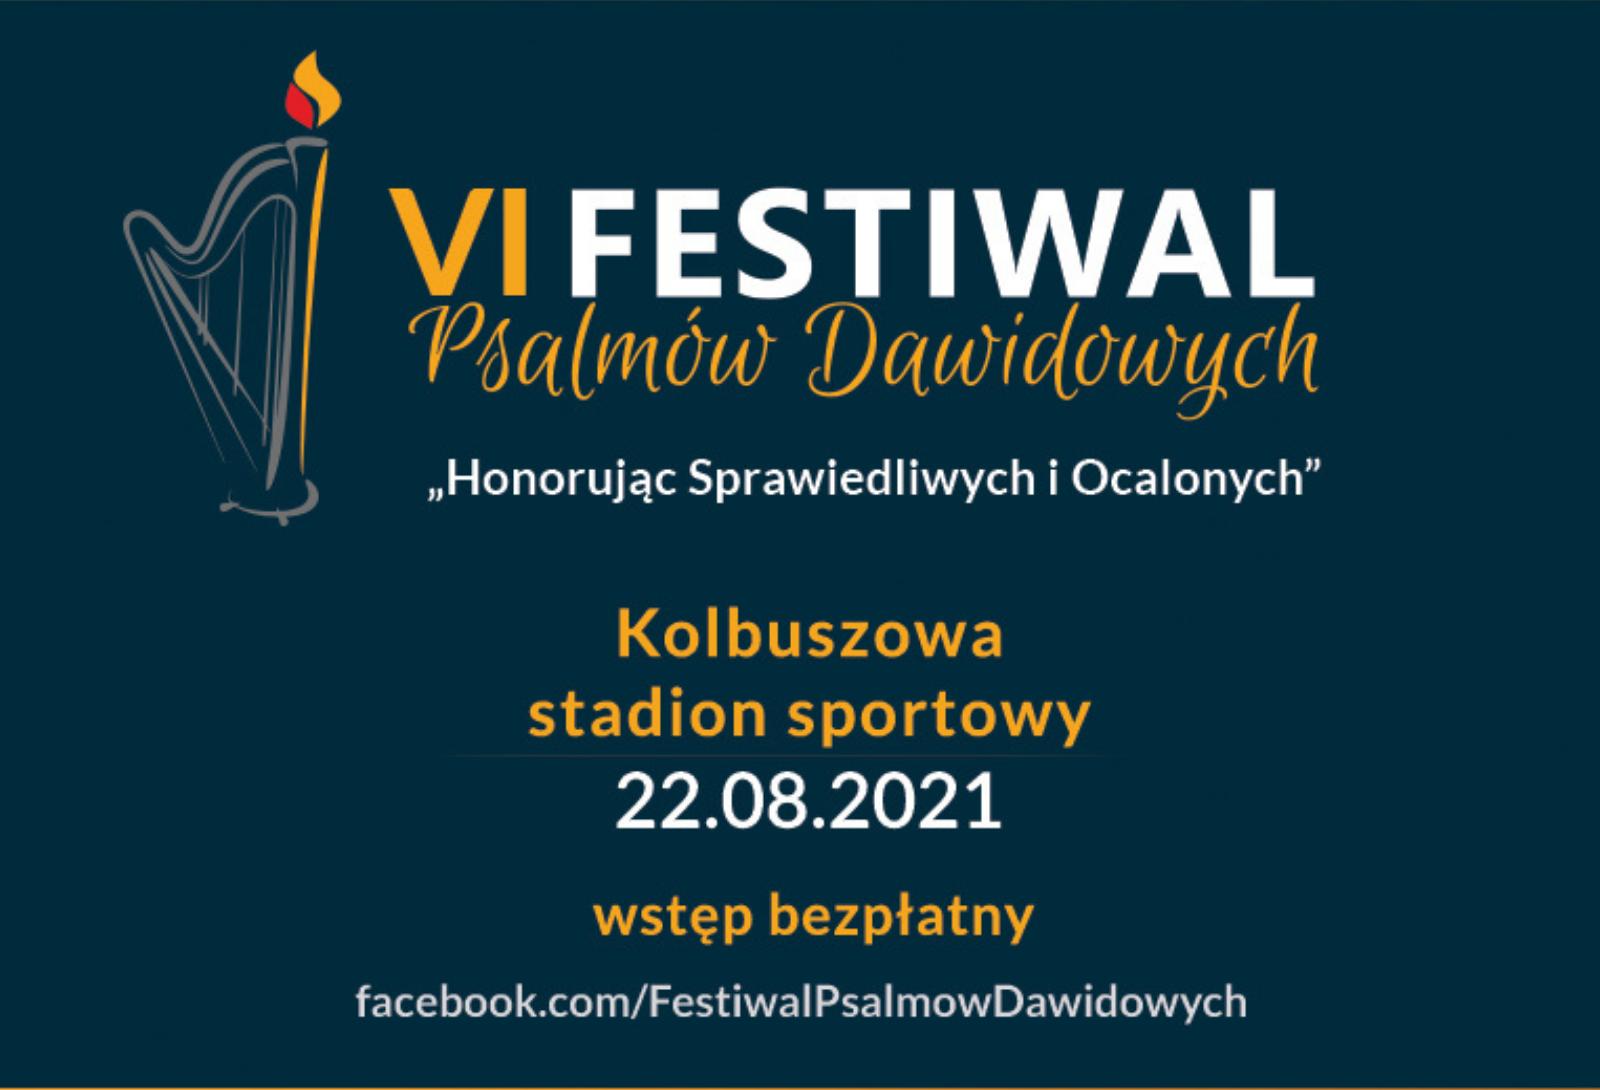 Grafika Festiwalu Psalmów Dawidowych informująca o koncercie w dniu 22 sierpnia 2021 roku w Kolbuszowej.